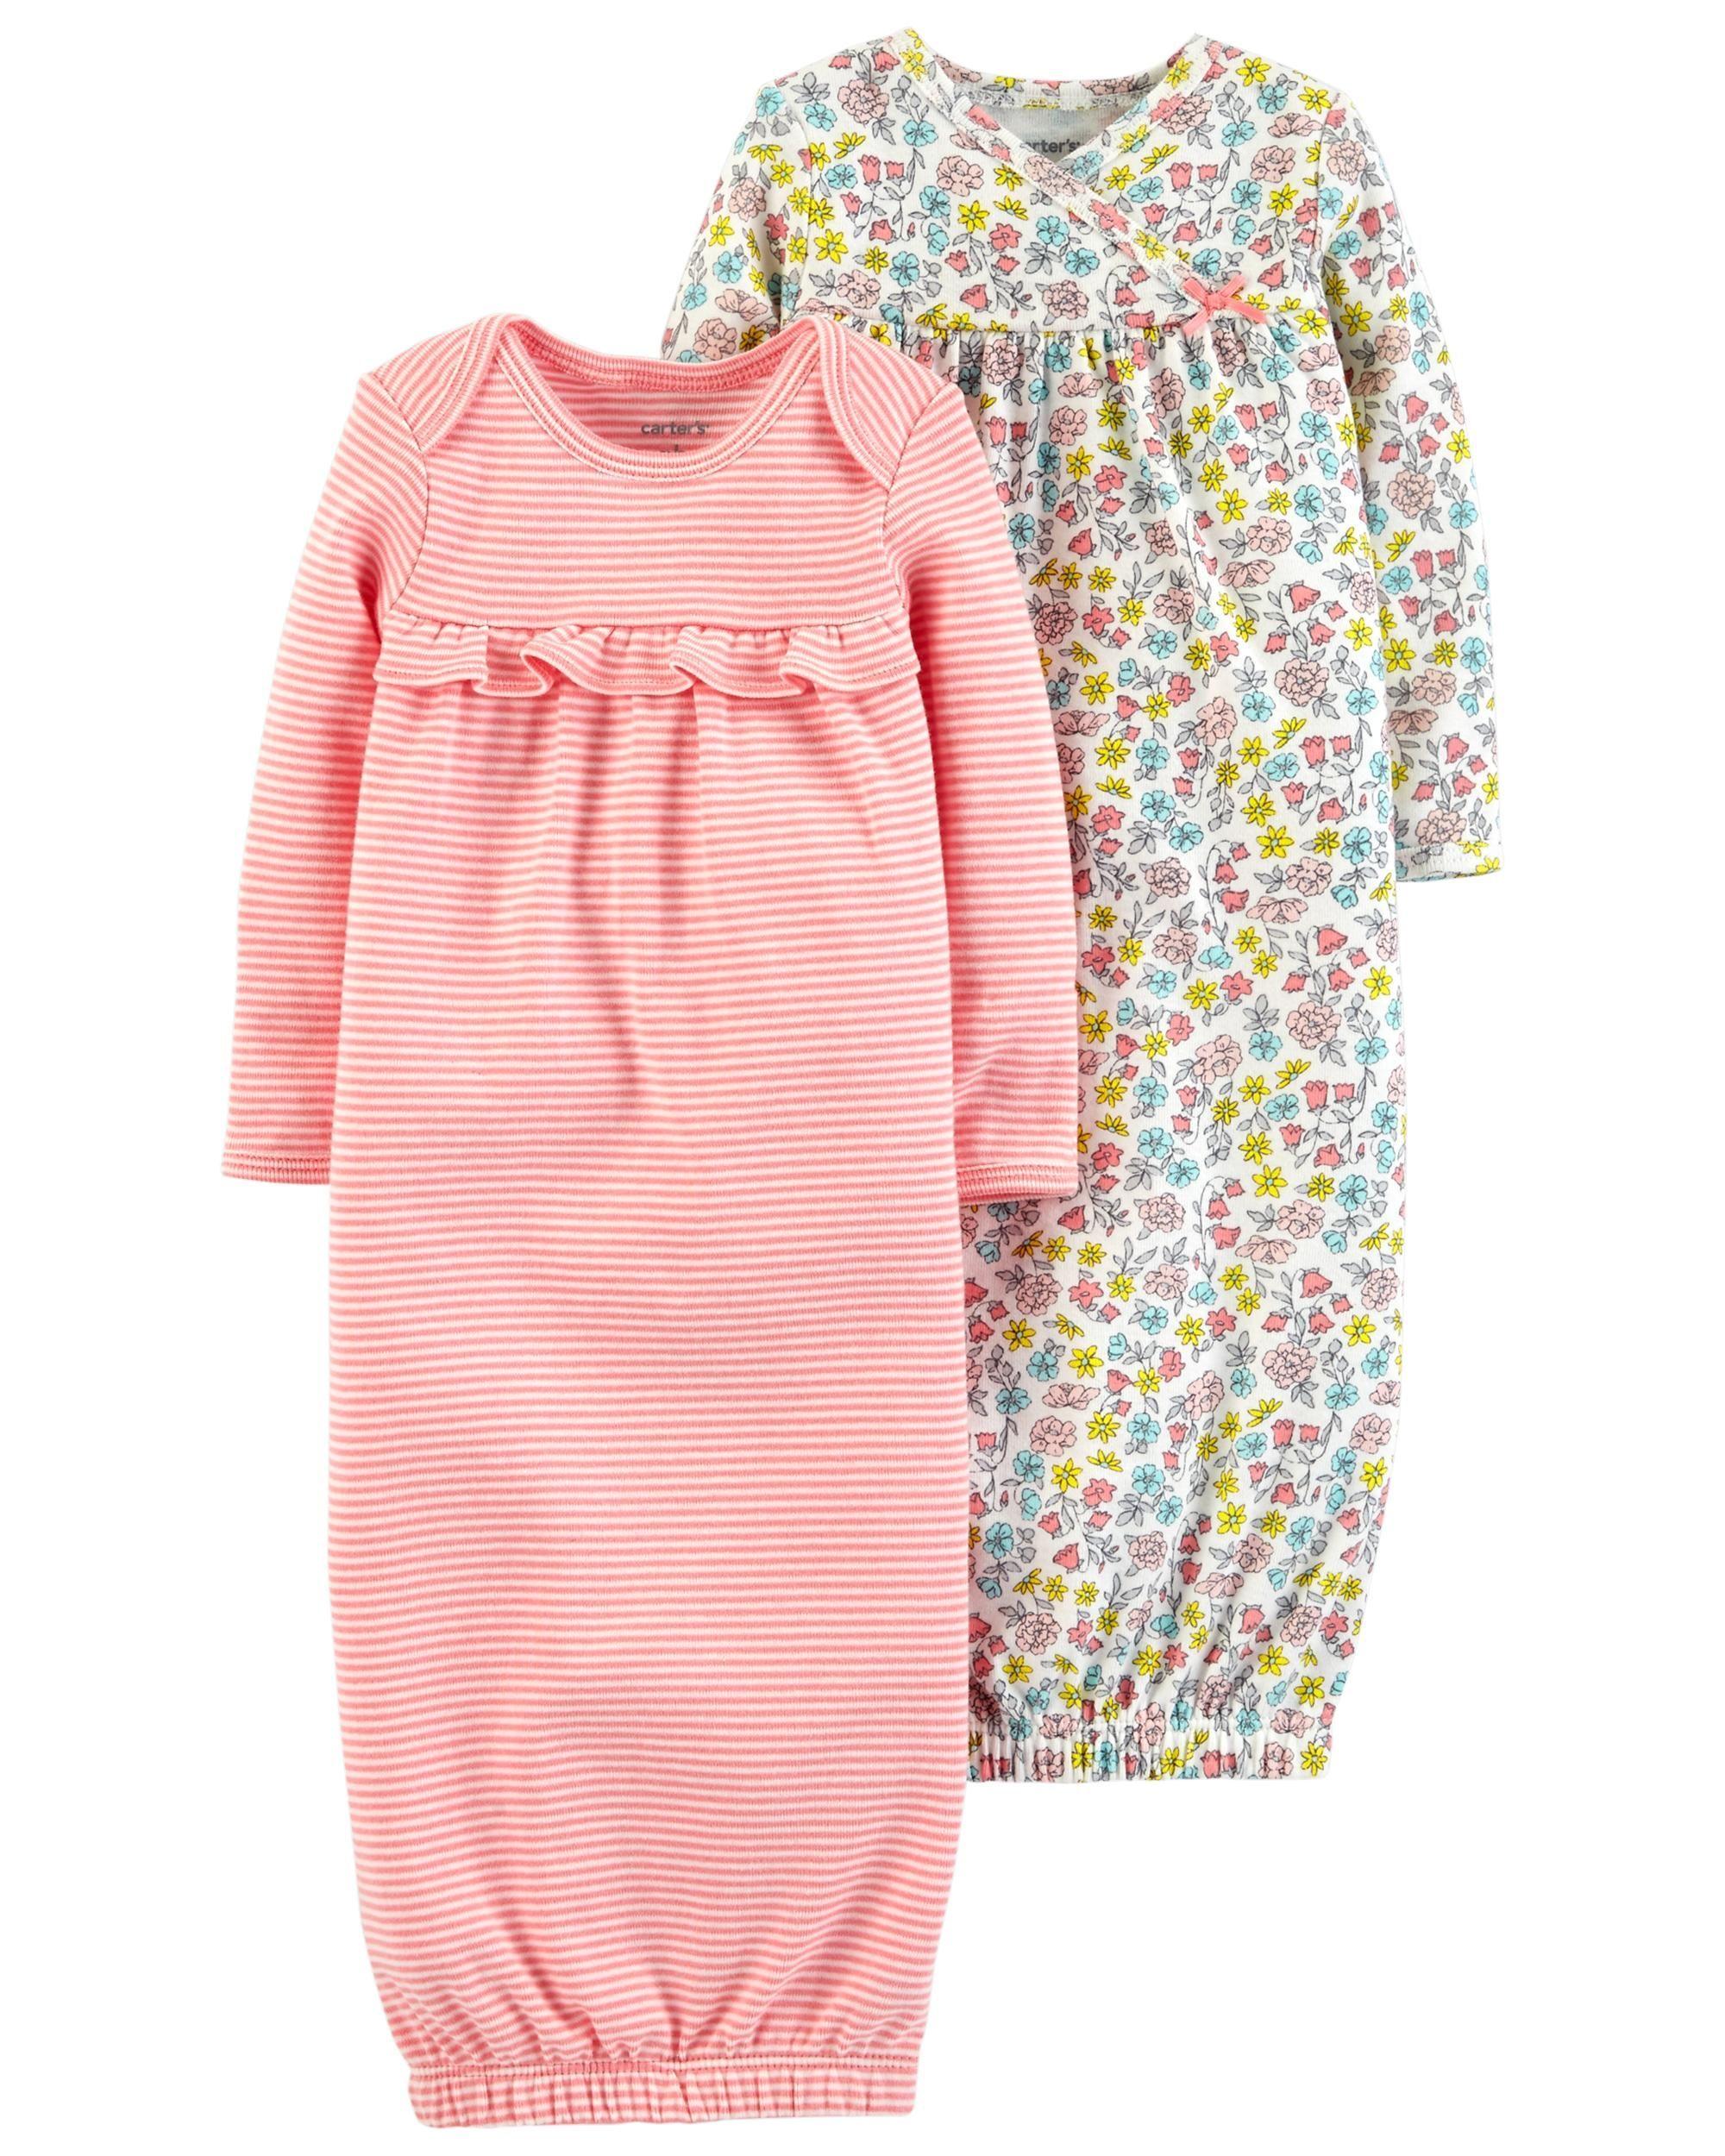 27e3cb1a4ce8 2-Pack Babysoft Sleeper Gowns